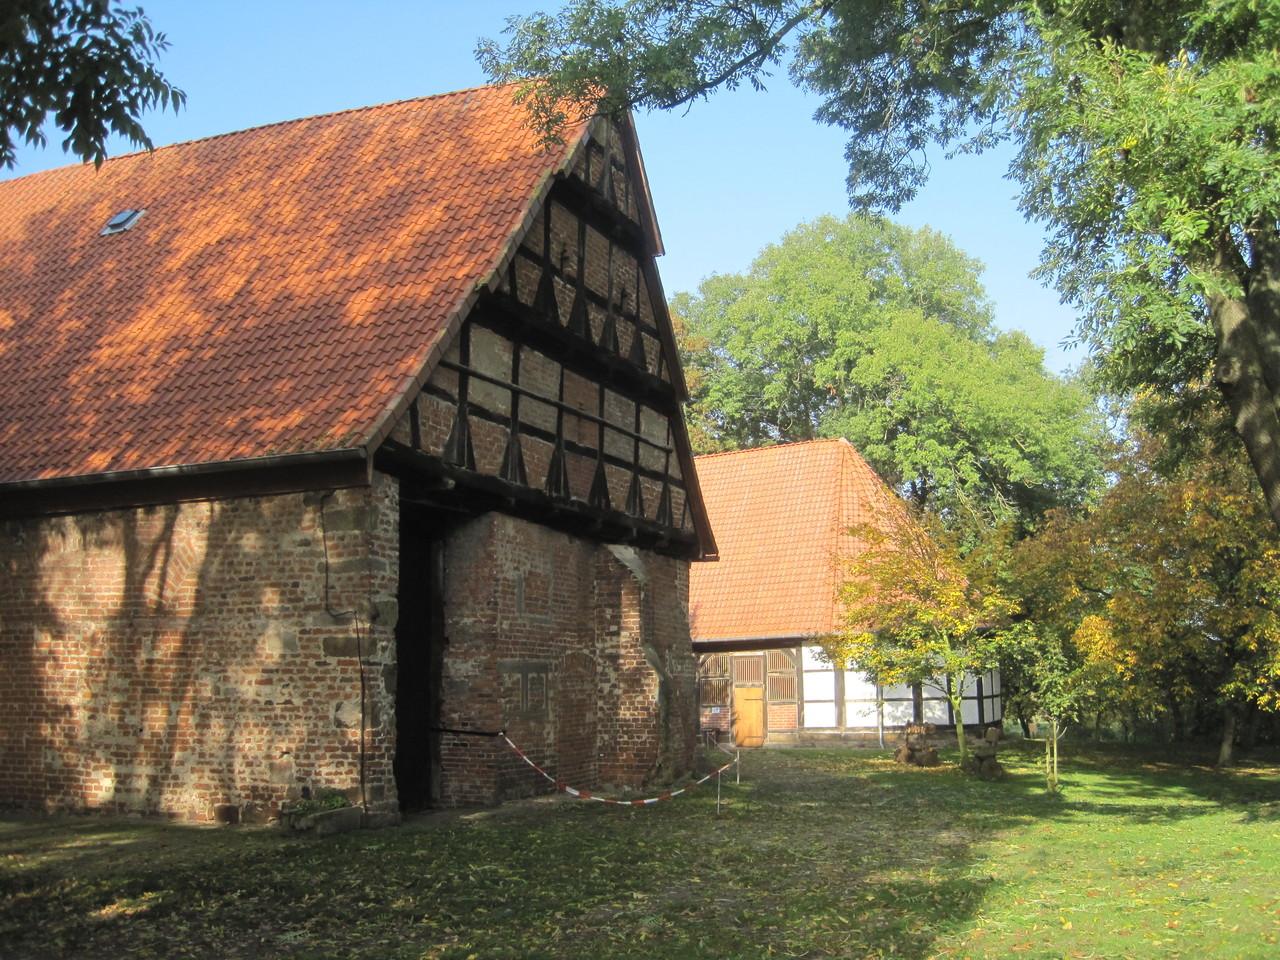 Kloster Schinna - ehemaliges Benediktinerkloster von 1148